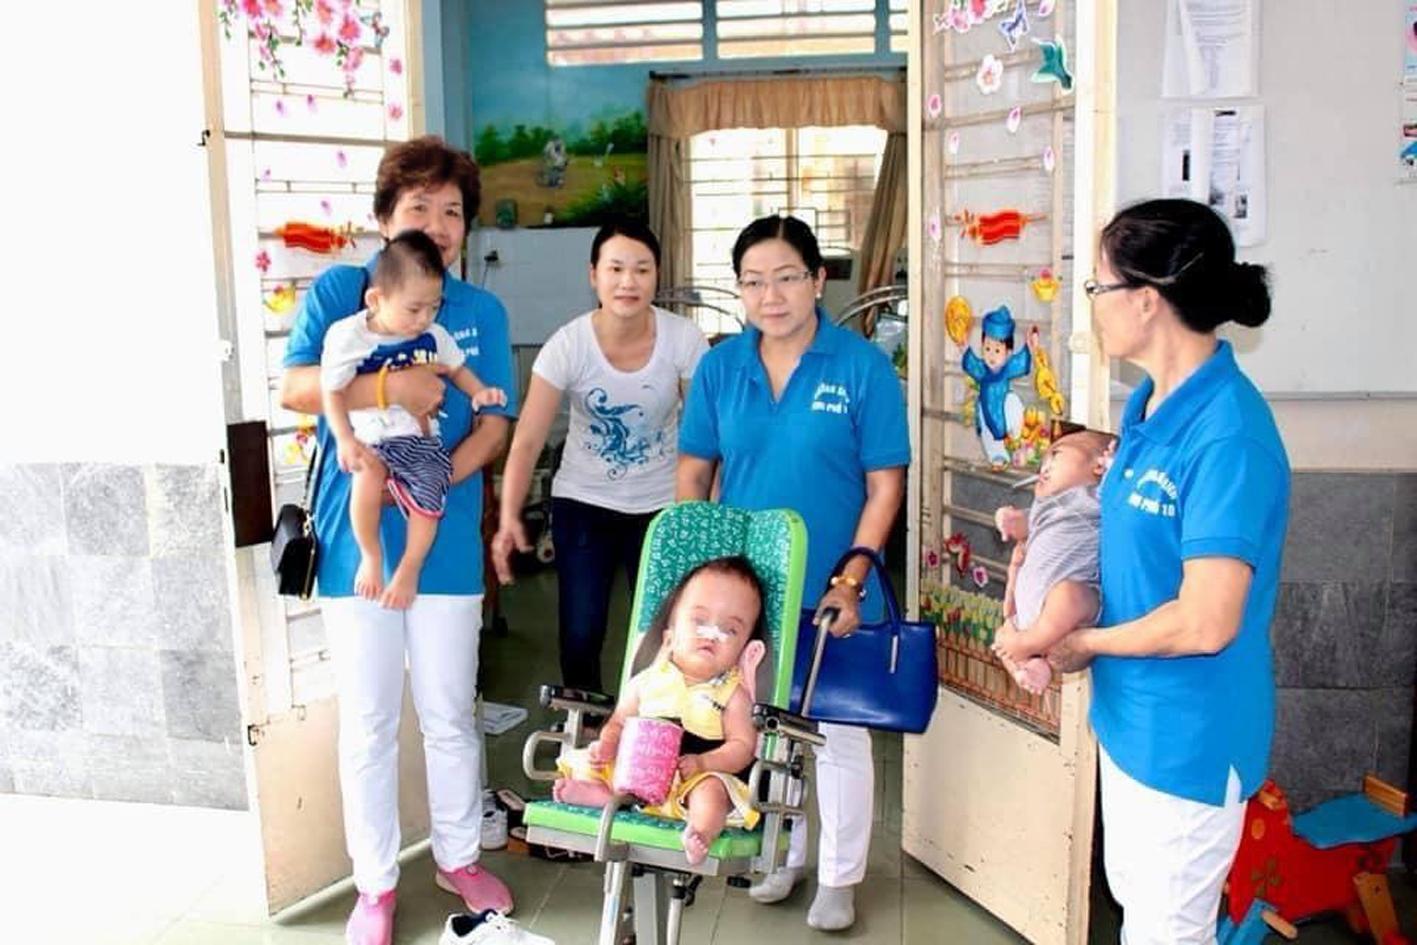 Với gia đình chị Xuân, hạnh phúc được tìm thấy ngay trong hoàn cảnh nghiệt ngã nhất